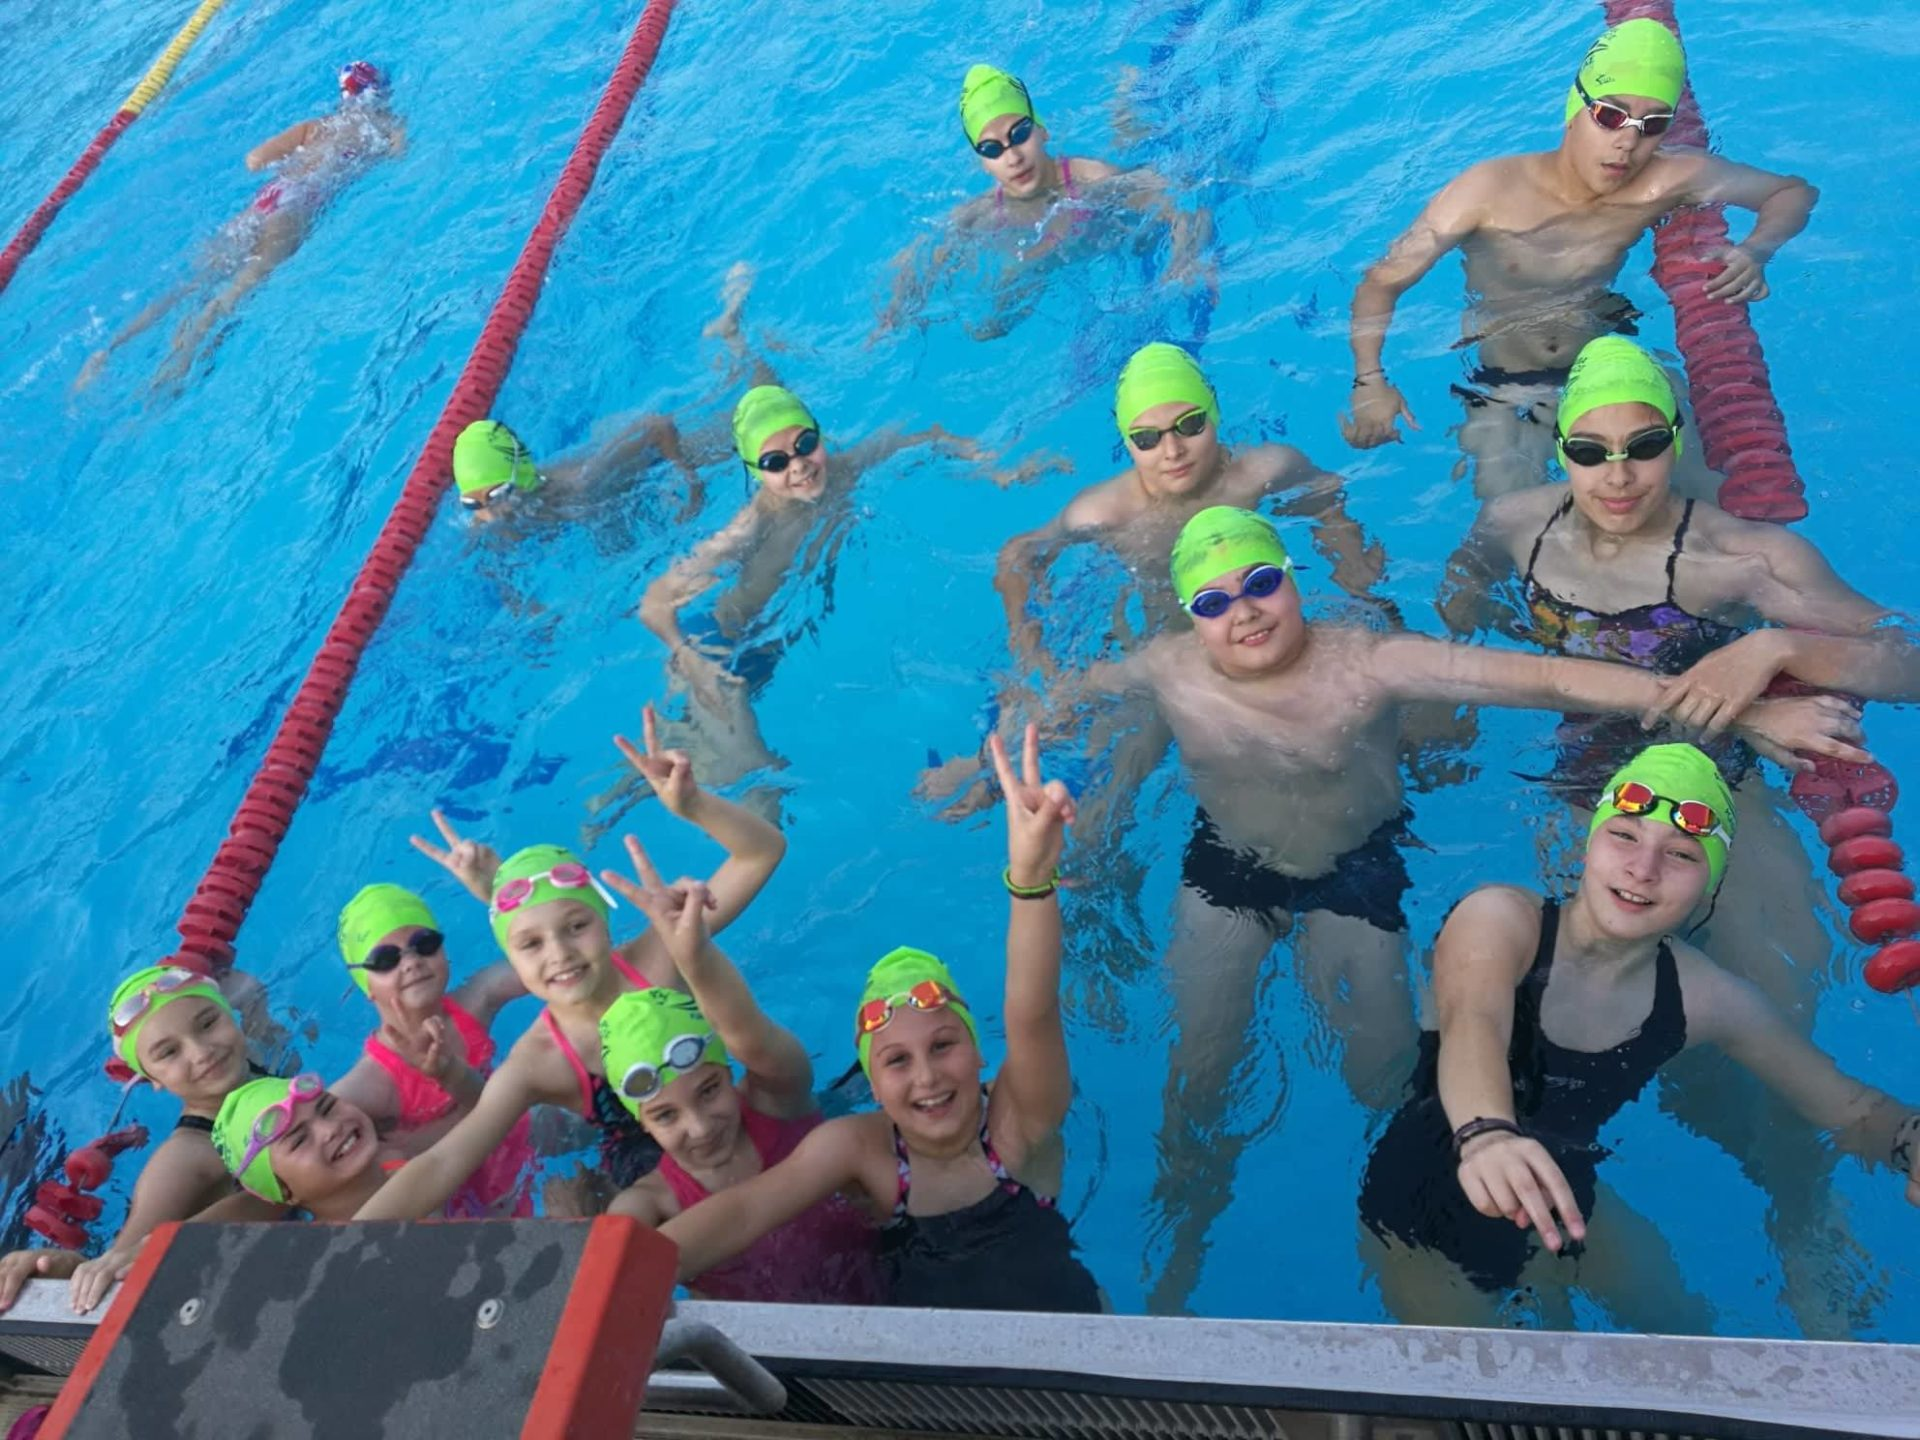 19 μετάλλια για την Α.Κ.Α.Κ. & τον ΑΣΚ Ολυμπιακό στους «ΚΒ' Ιωνικούς αγώνες κολύμβησης»